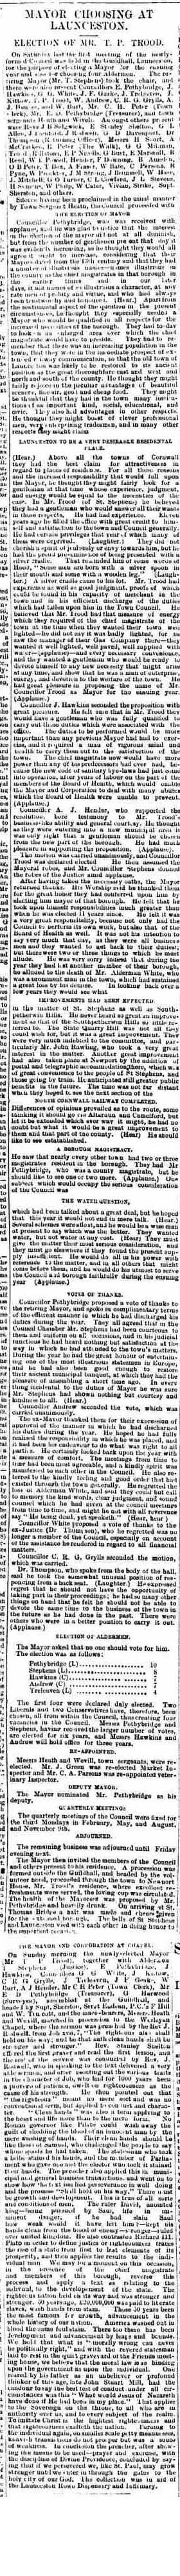 16 November 1889